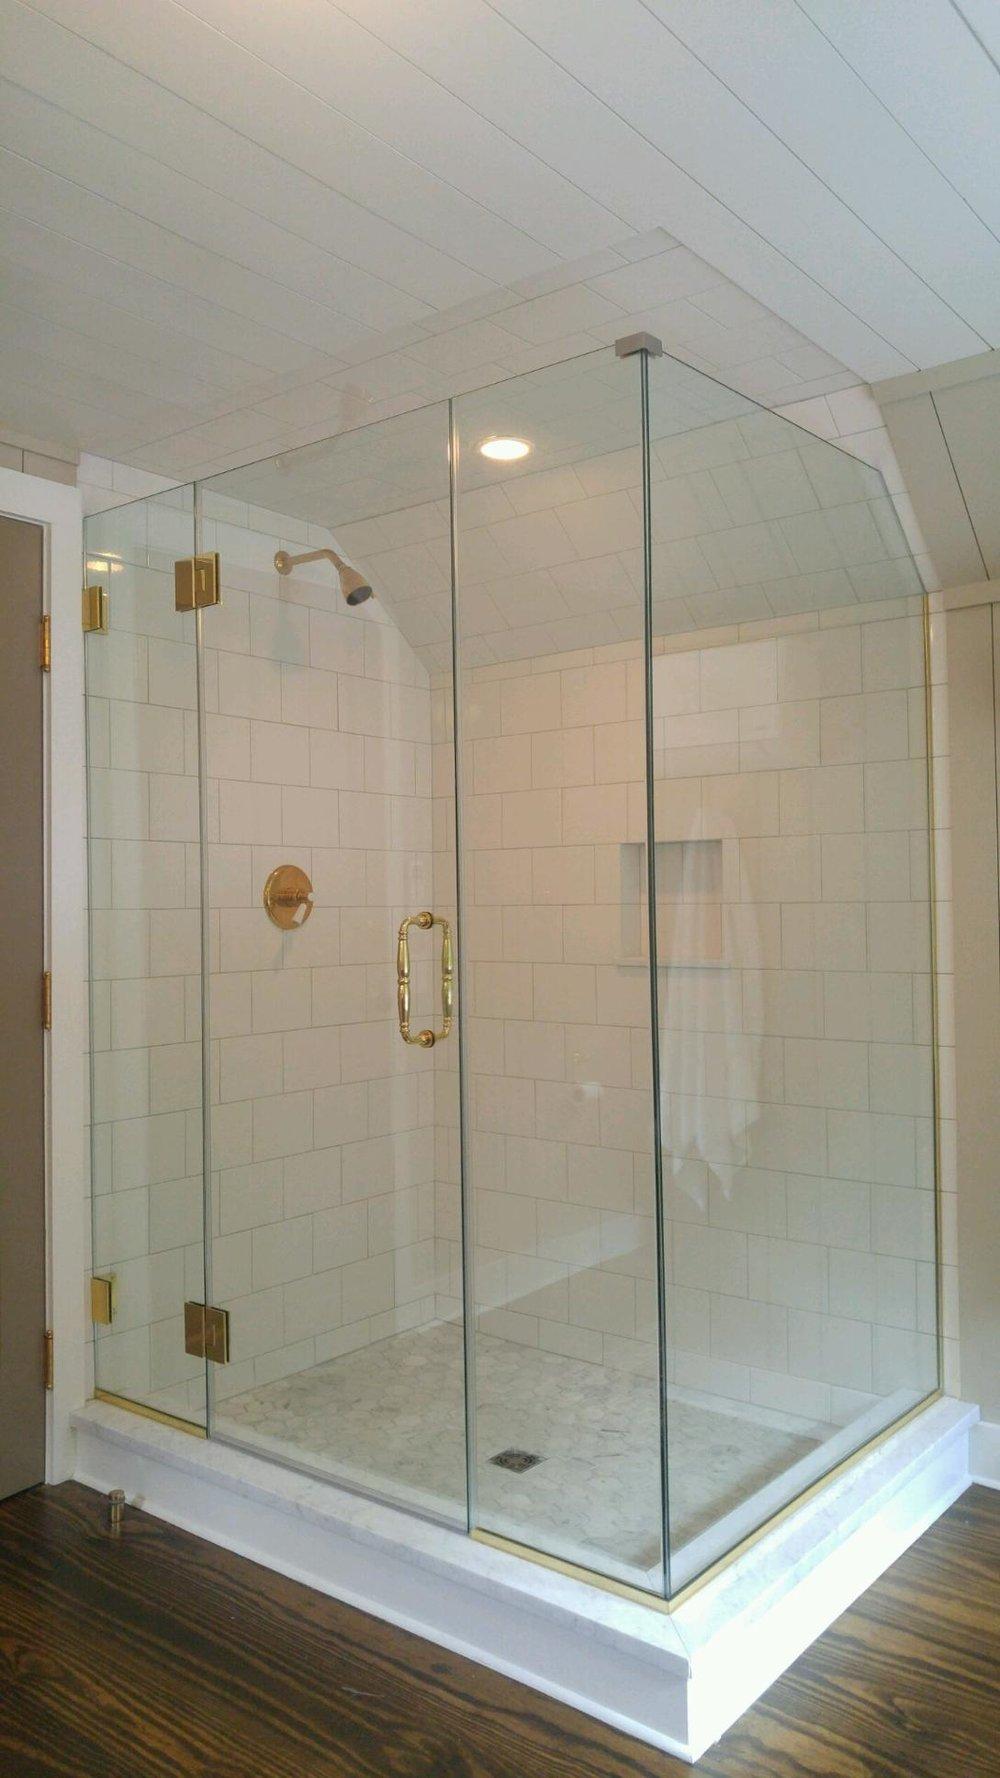 Panel, Door, Panel, Retutn w Angle , Gold .jpg